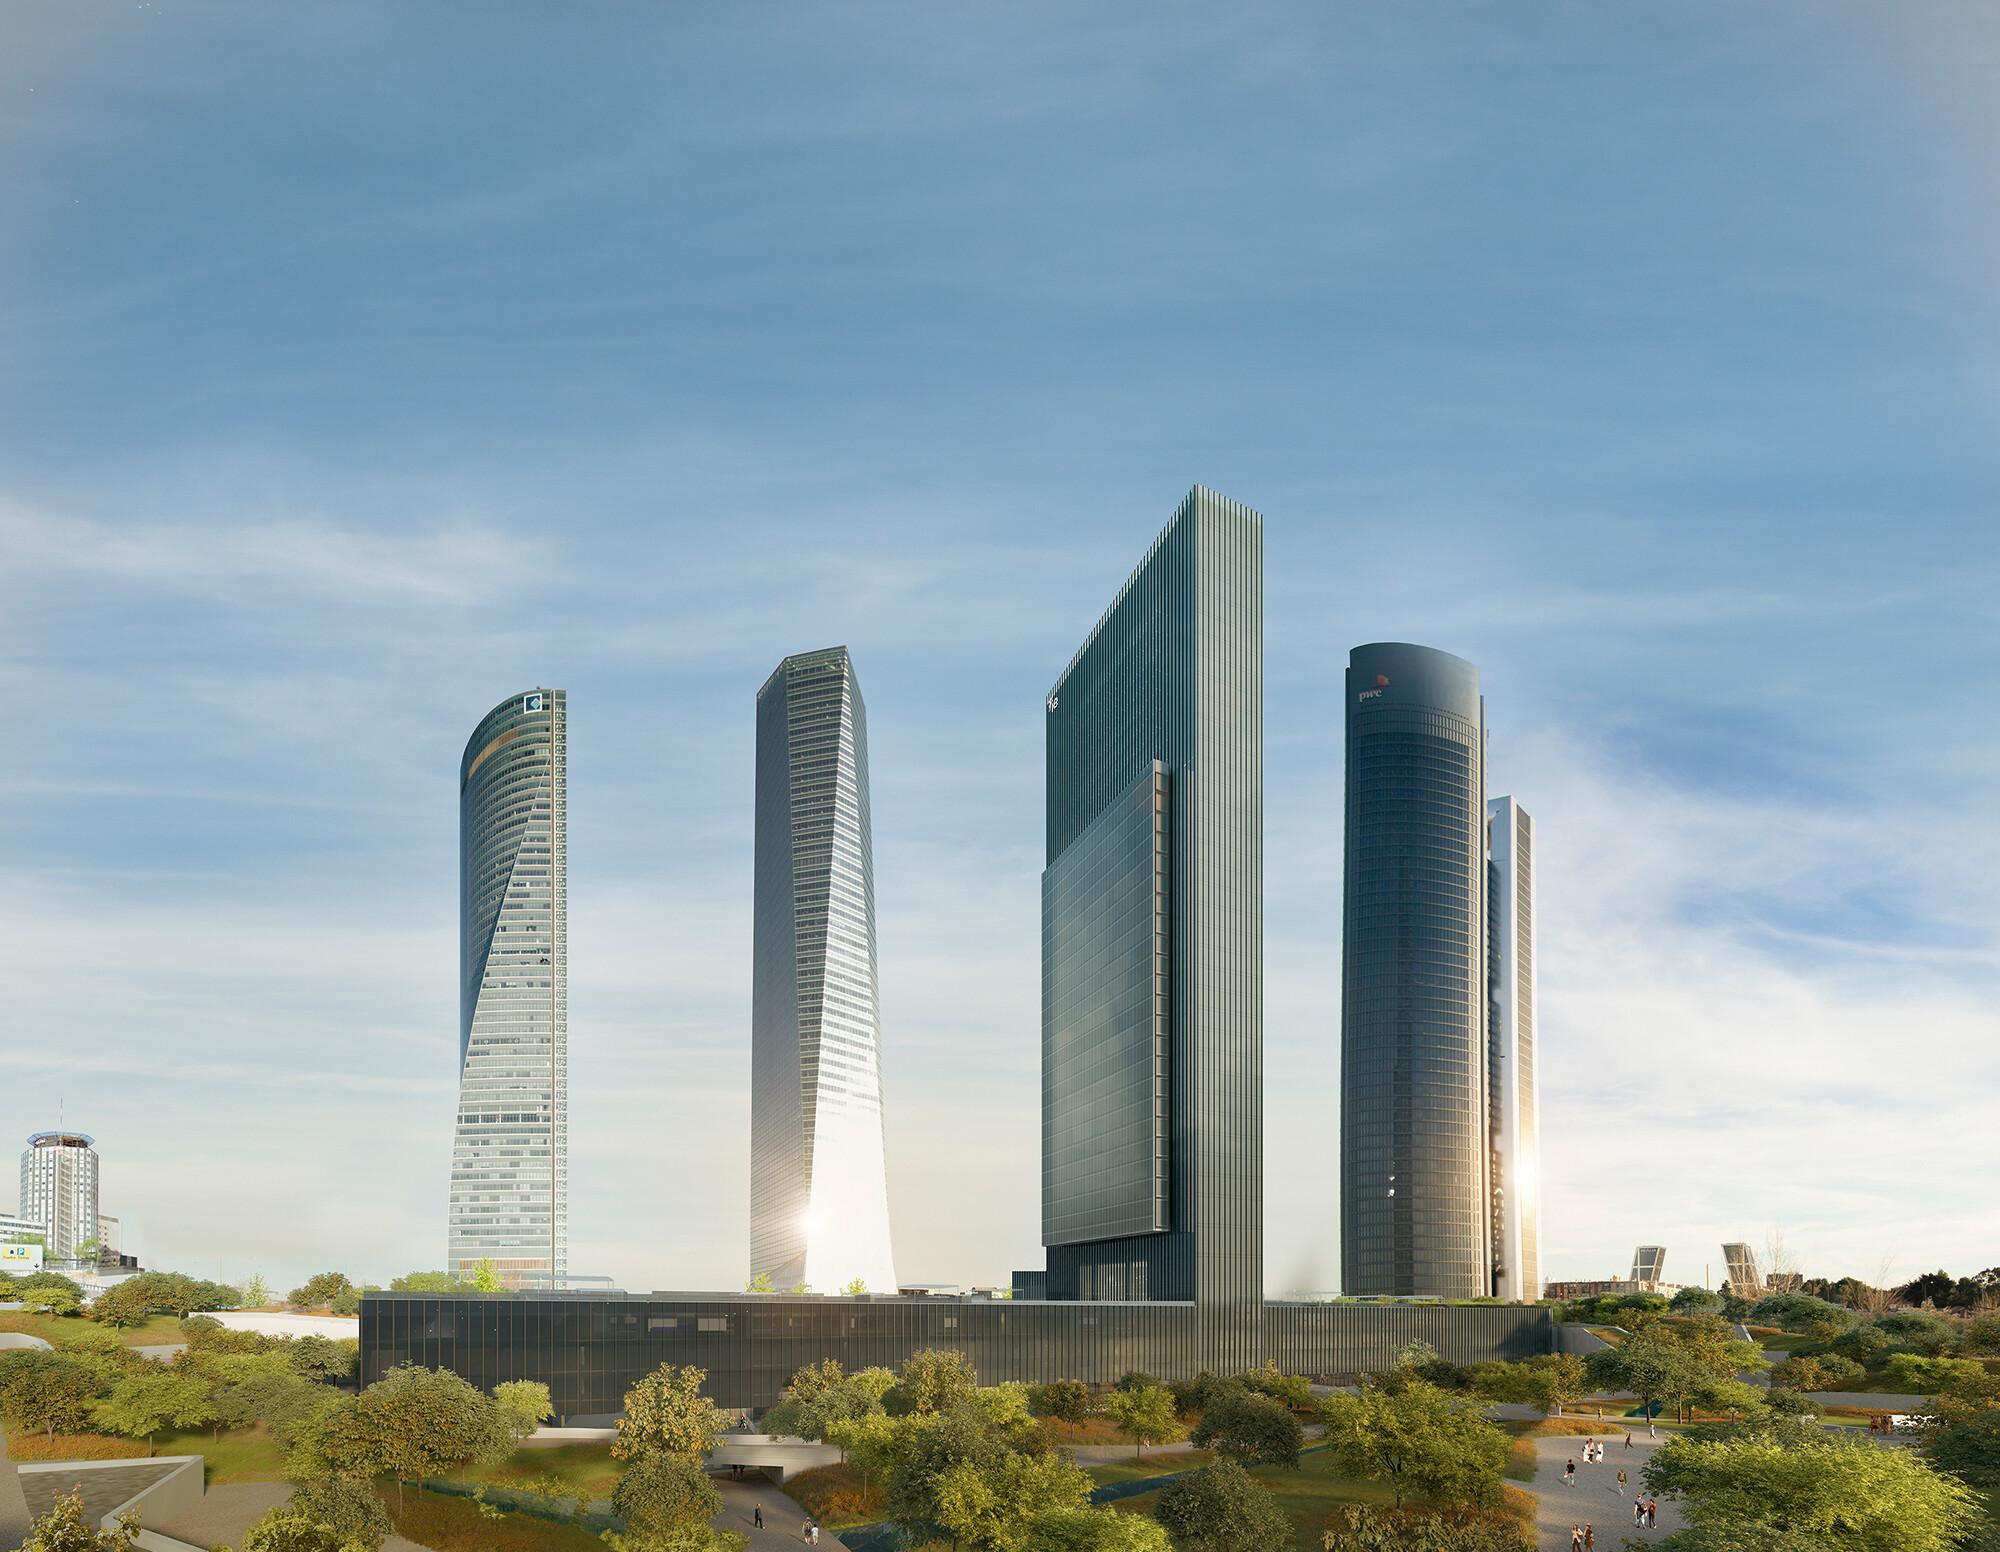 torre-caleido-el-nuevo-rascacielos-de-madrid-alt